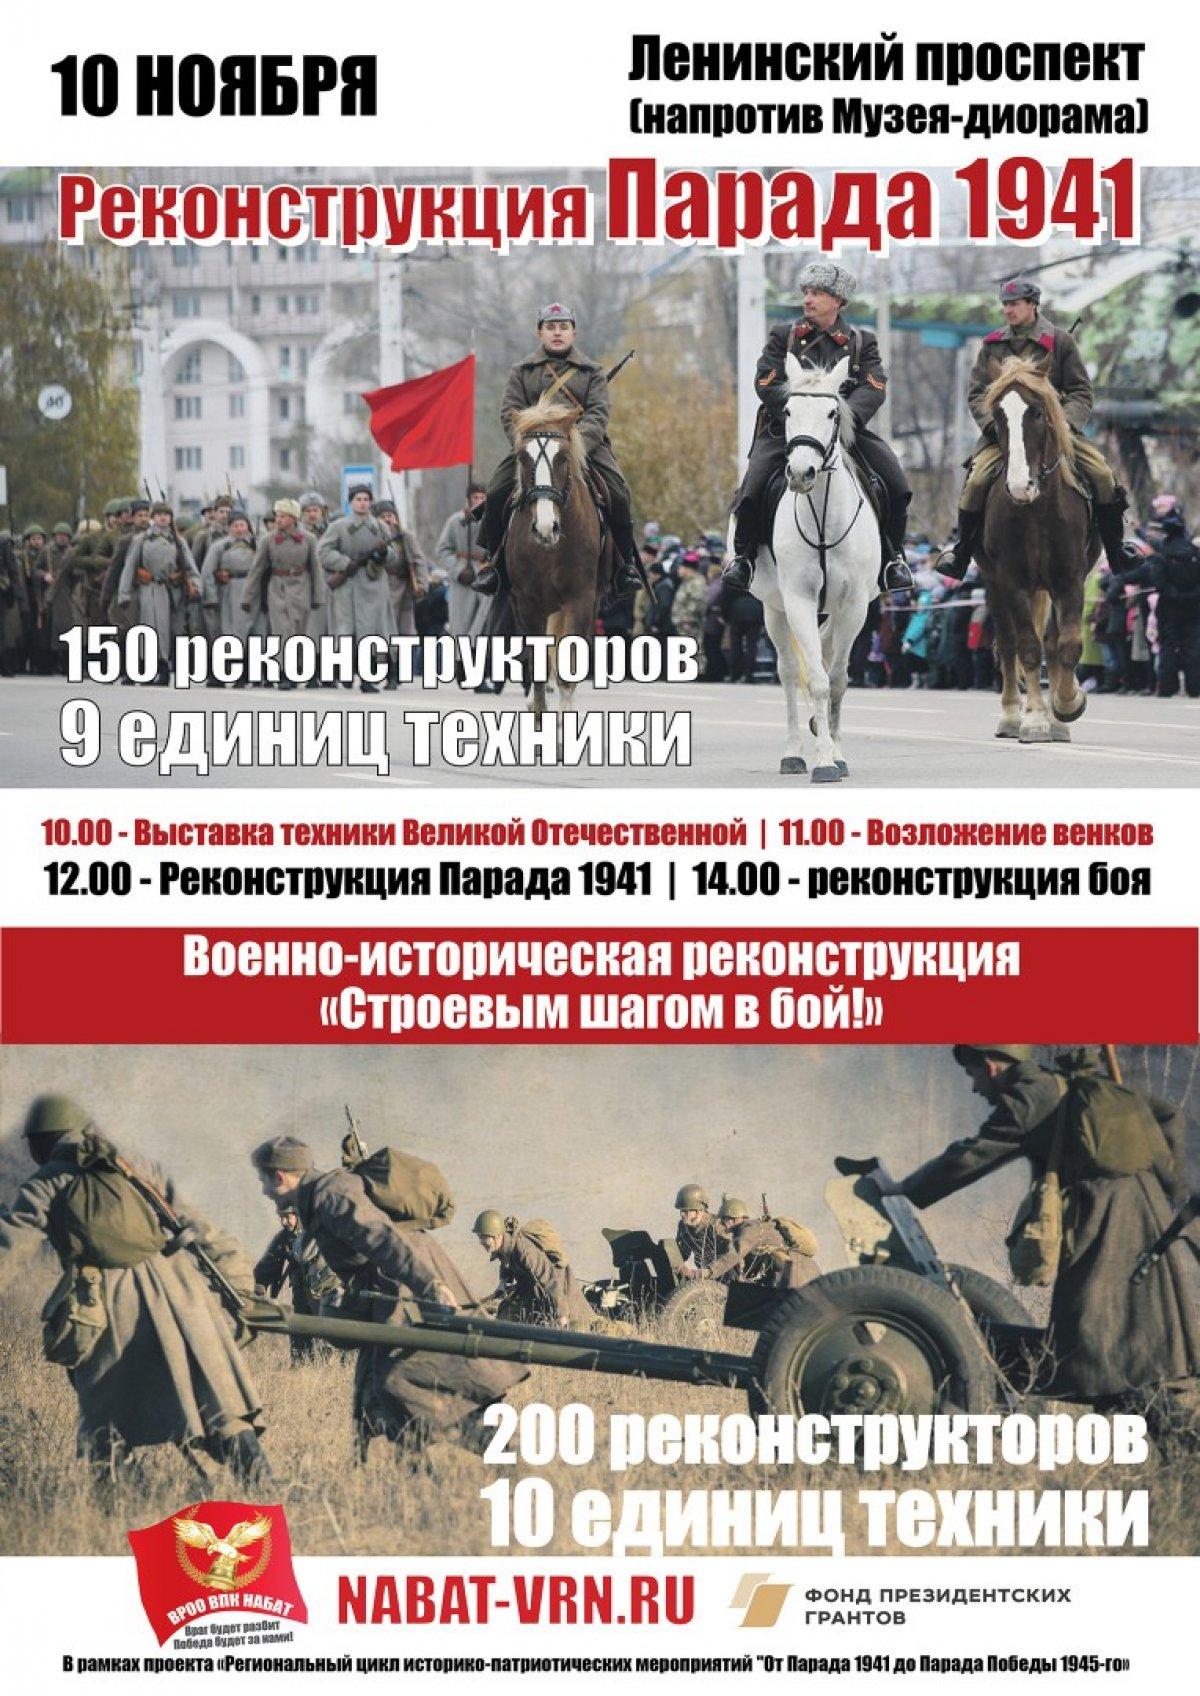 🔟 ноября 2019 года состоится реконструкция военно-исторического Парада при поддержке Фонда Президентских грантов.